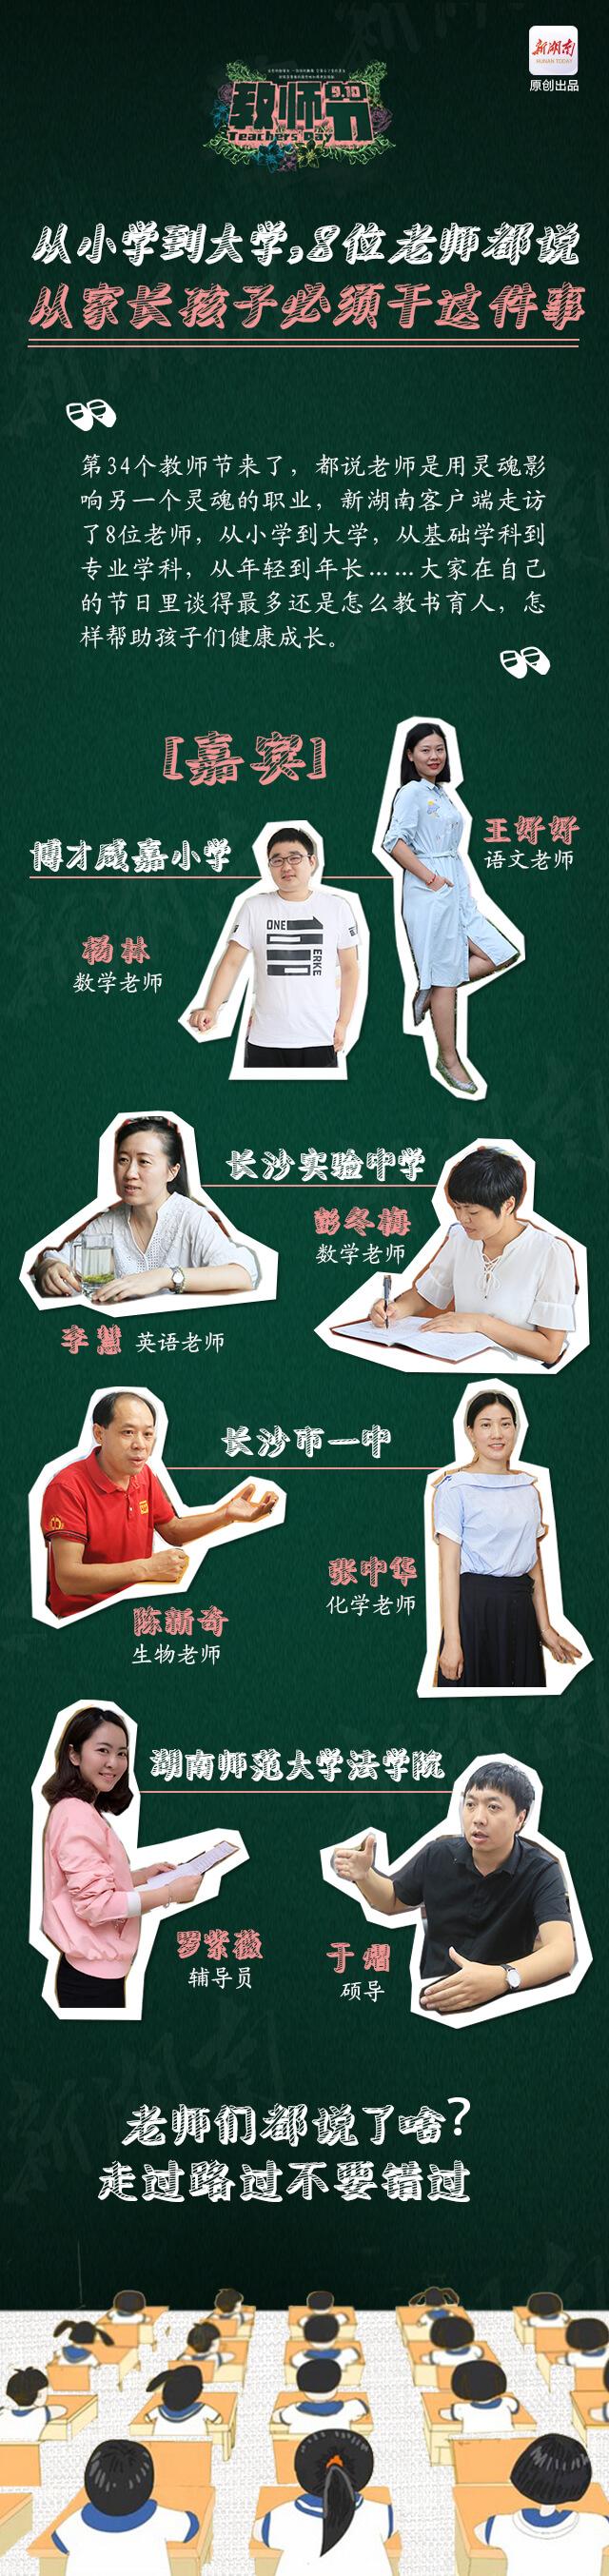 教师节听老师说 从小学到大学,和孩子相处要了解这9点